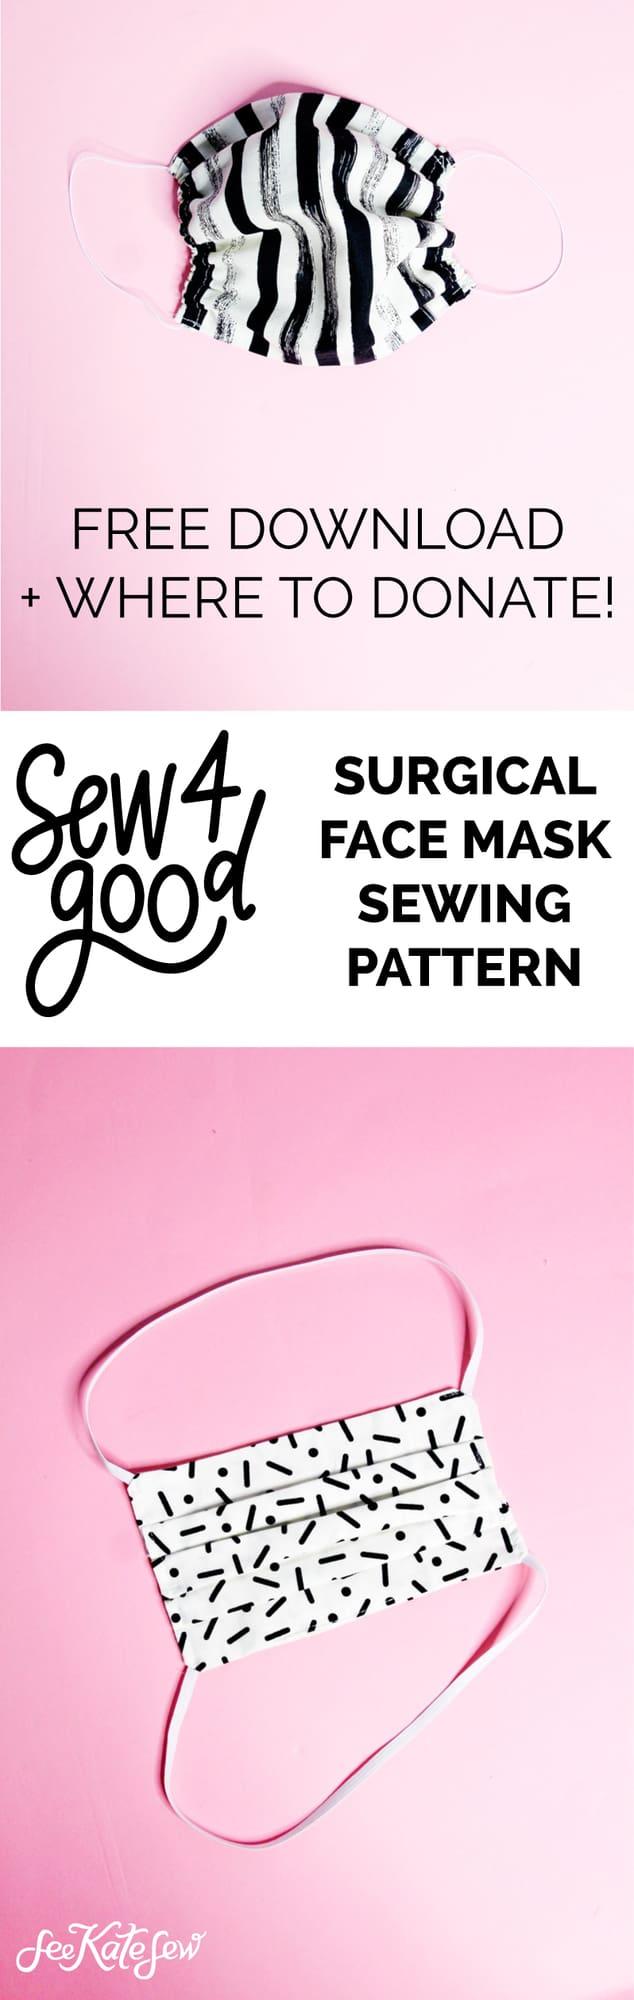 DIY Medical Mask Sewing Pattern FREE